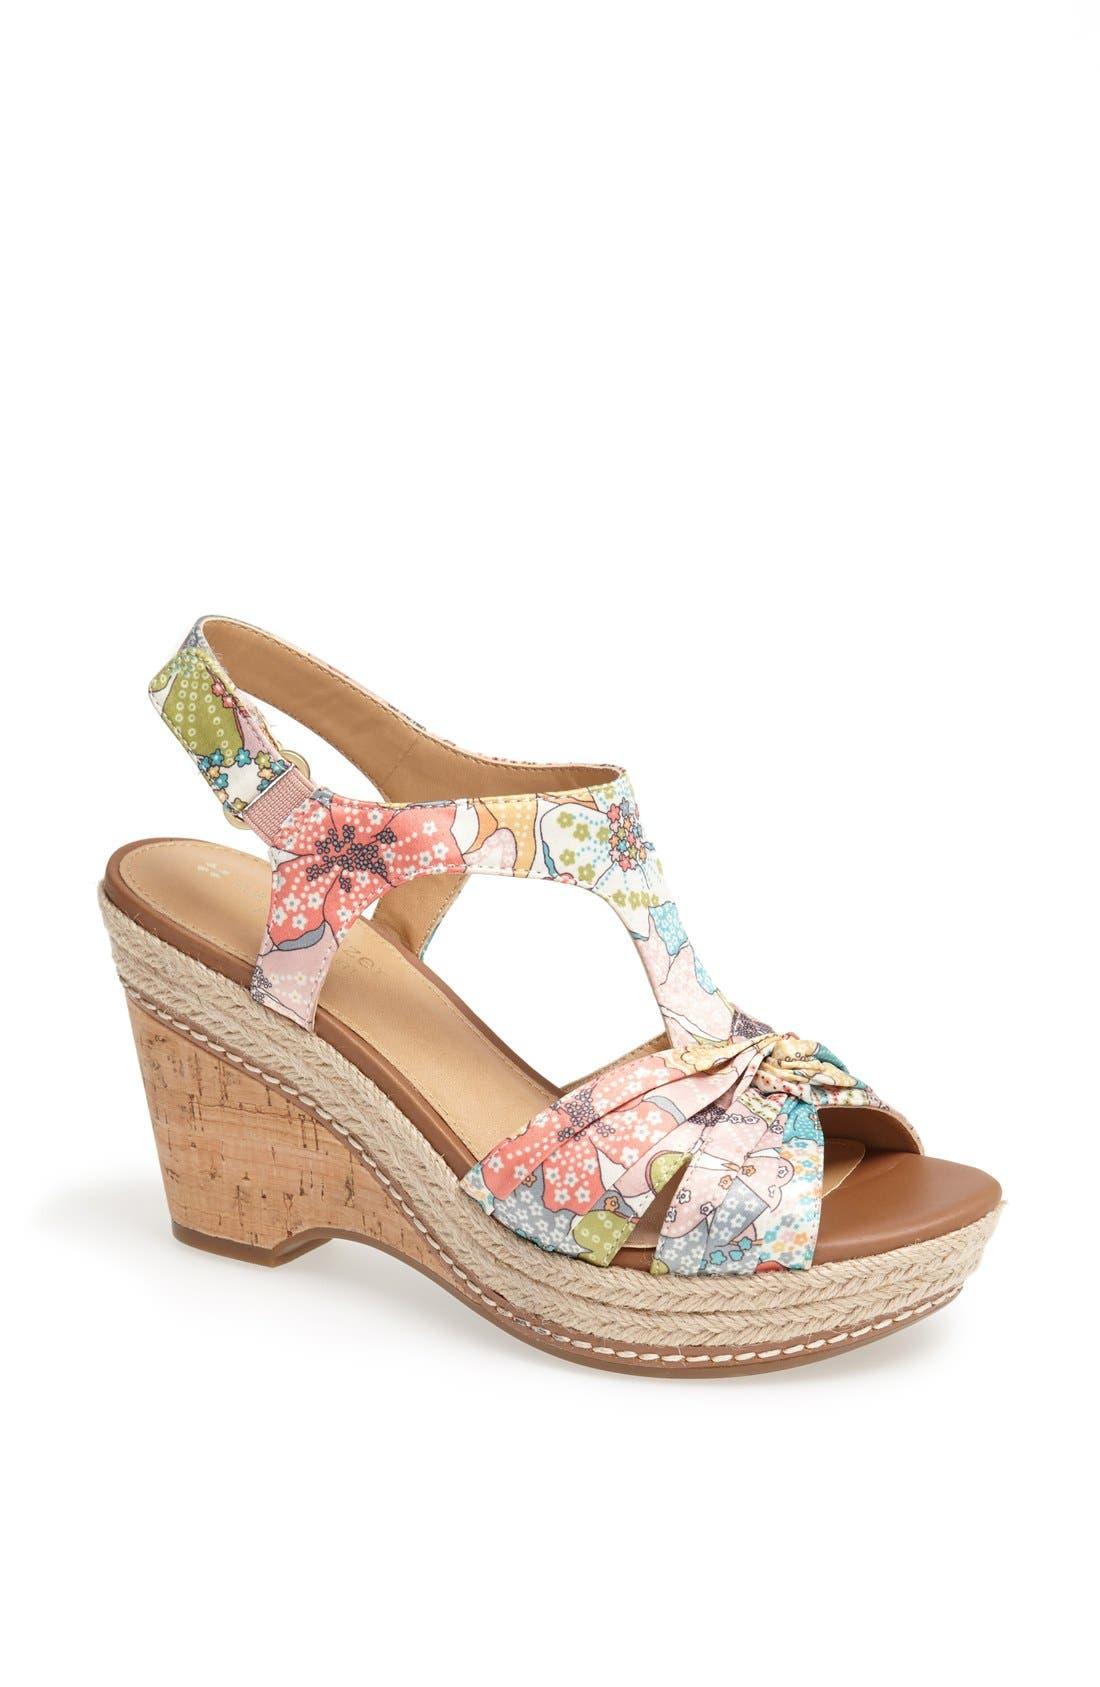 Main Image - Naturalizer 'Linore' Sandal